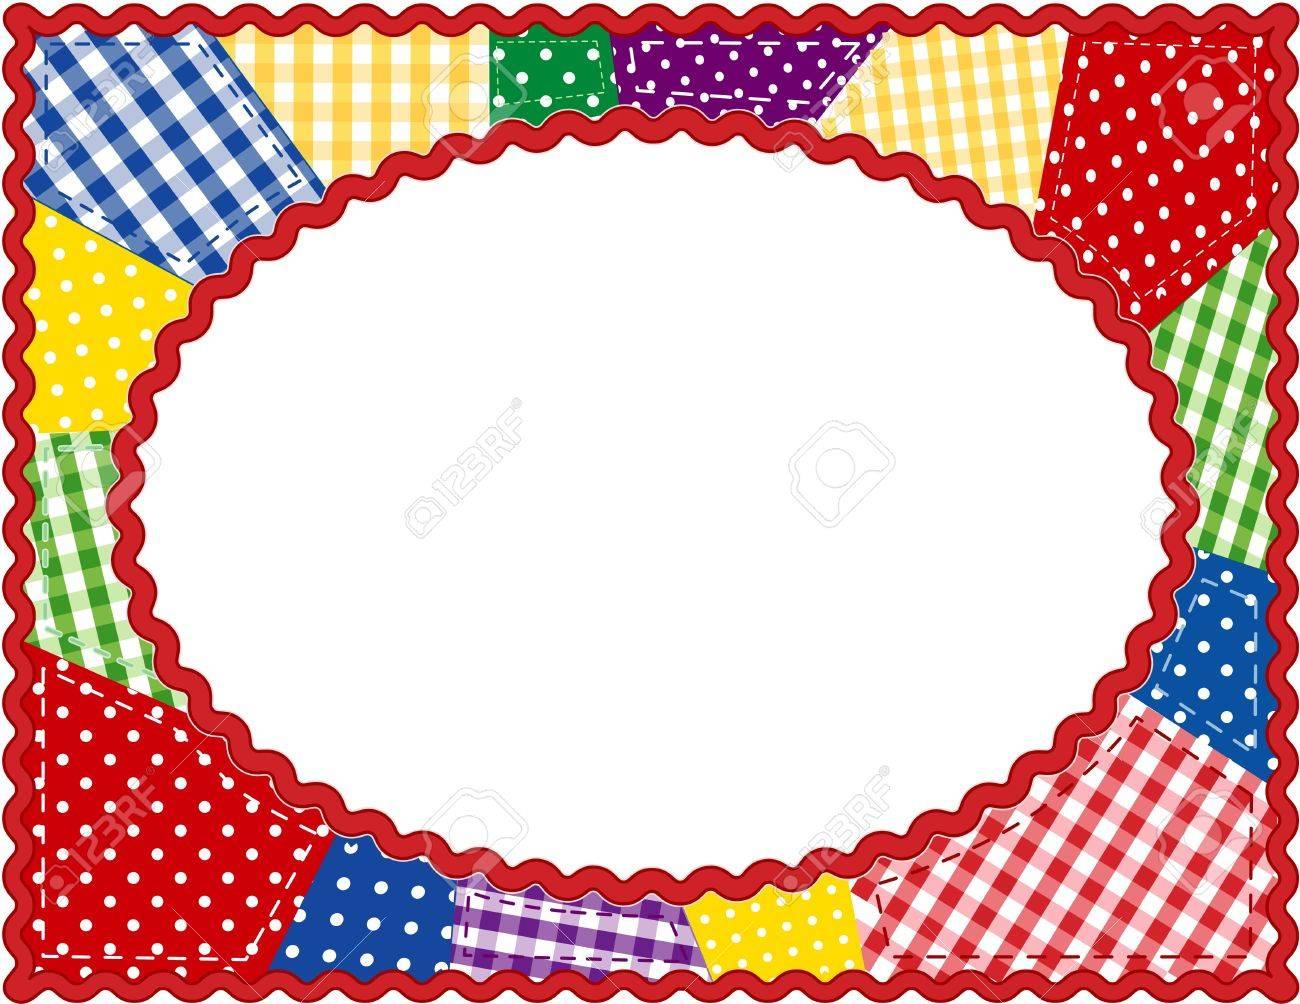 Patchwork Quilt Frame - 13211716